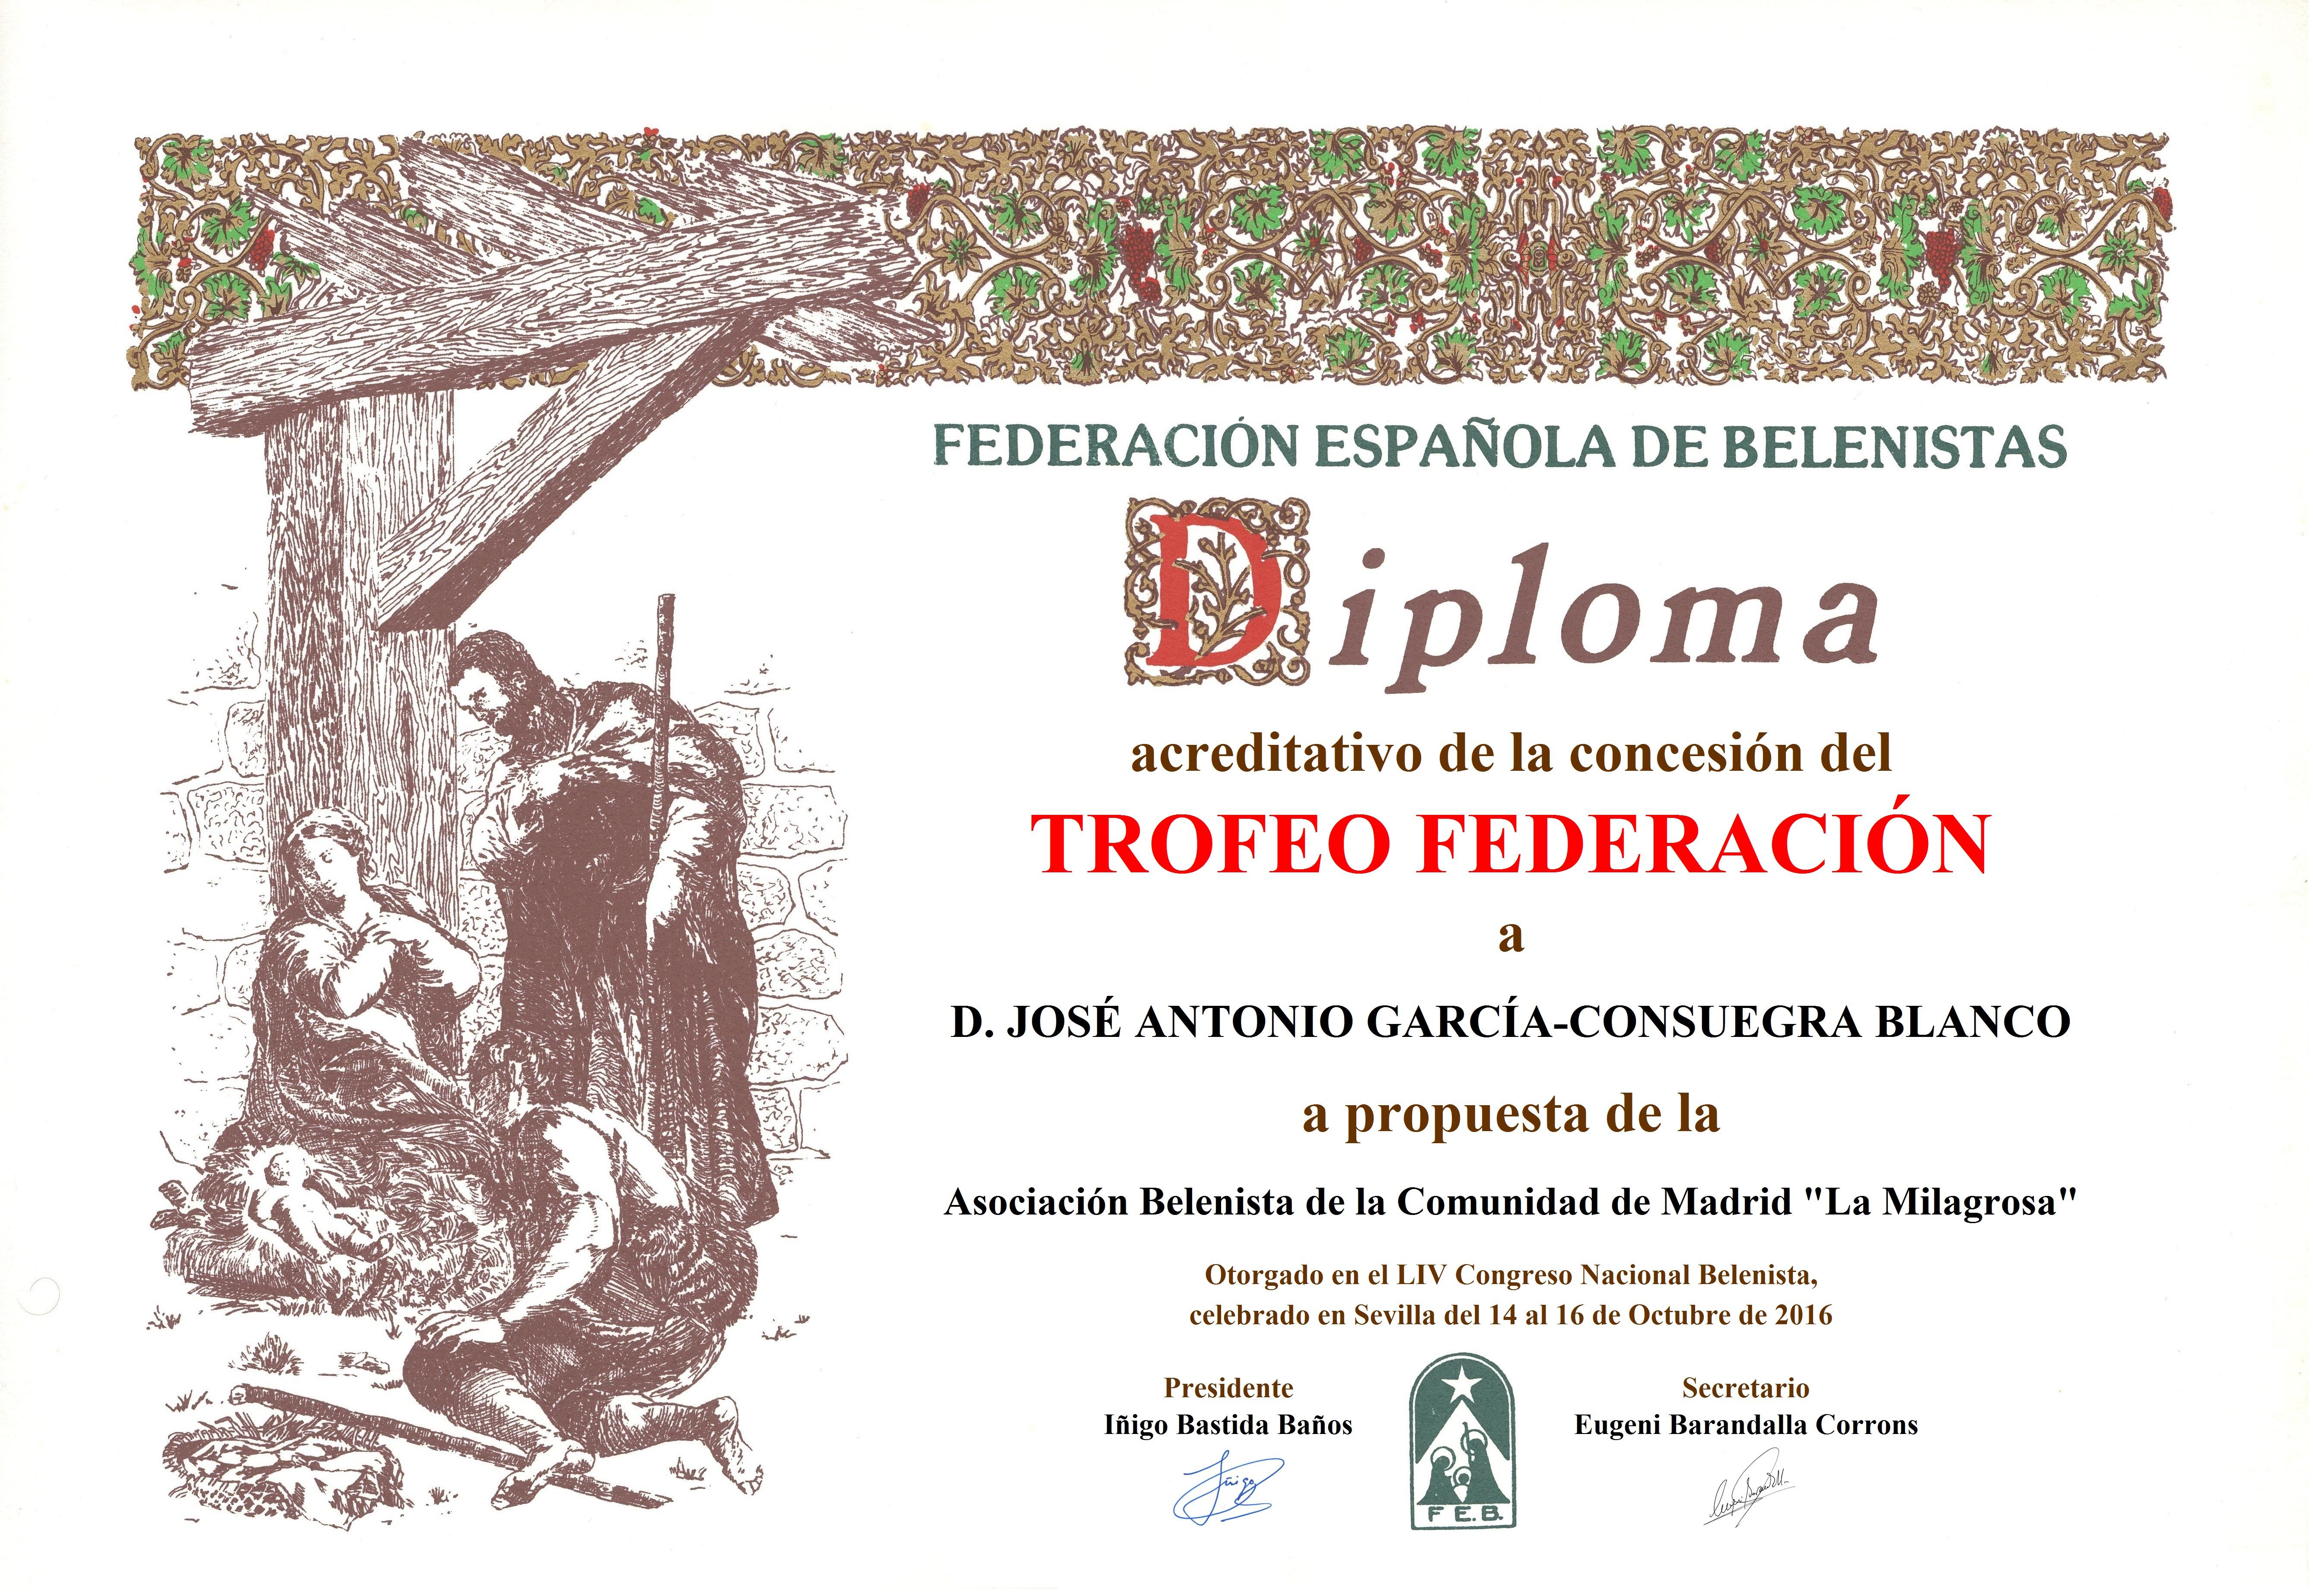 José Antonio García-Consuegra Blanco - Diploma Trofeo FEB 2016